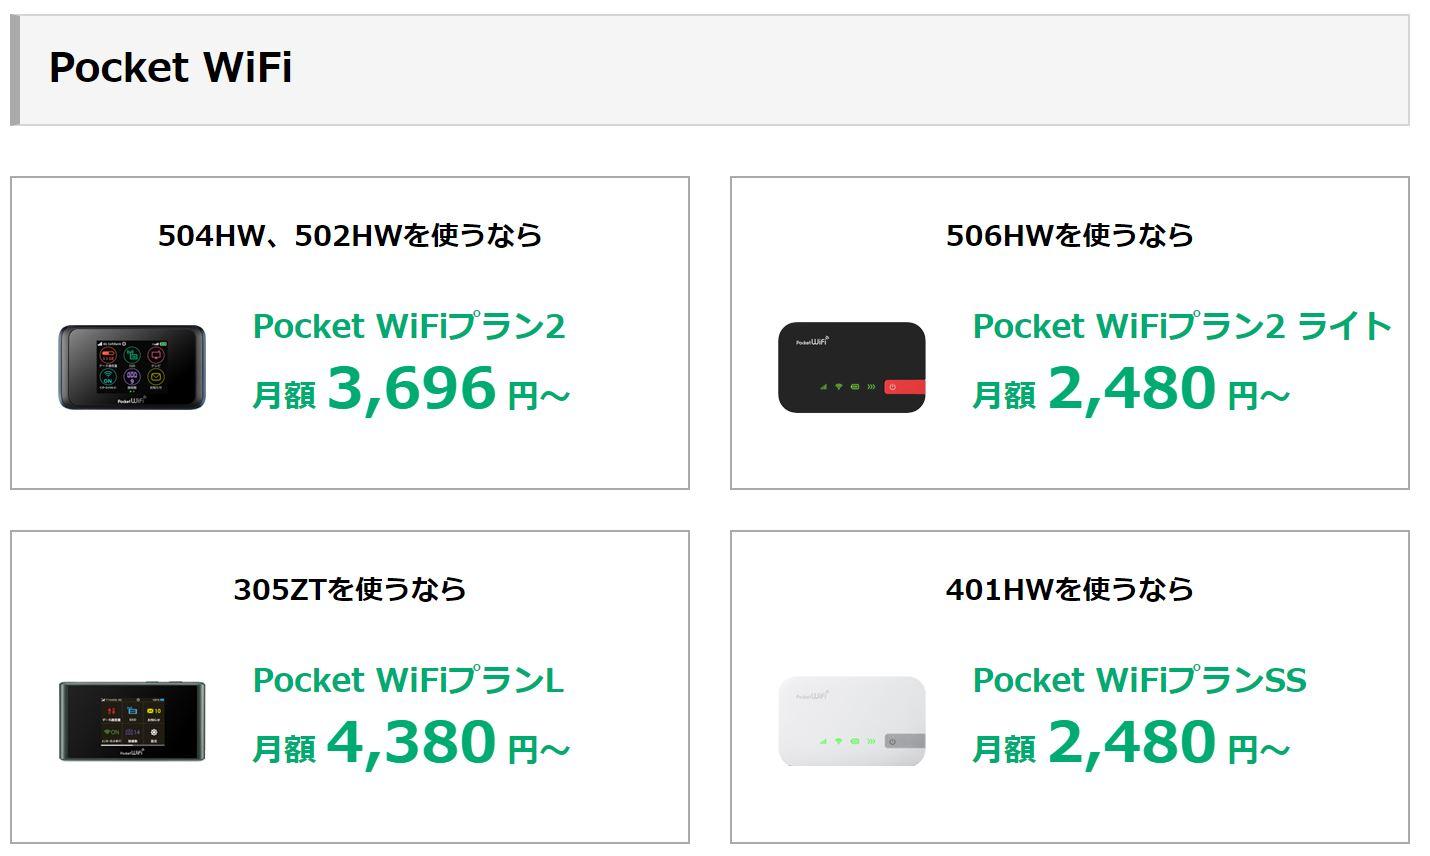 ワイモバイルのポケットwifiシリーズ